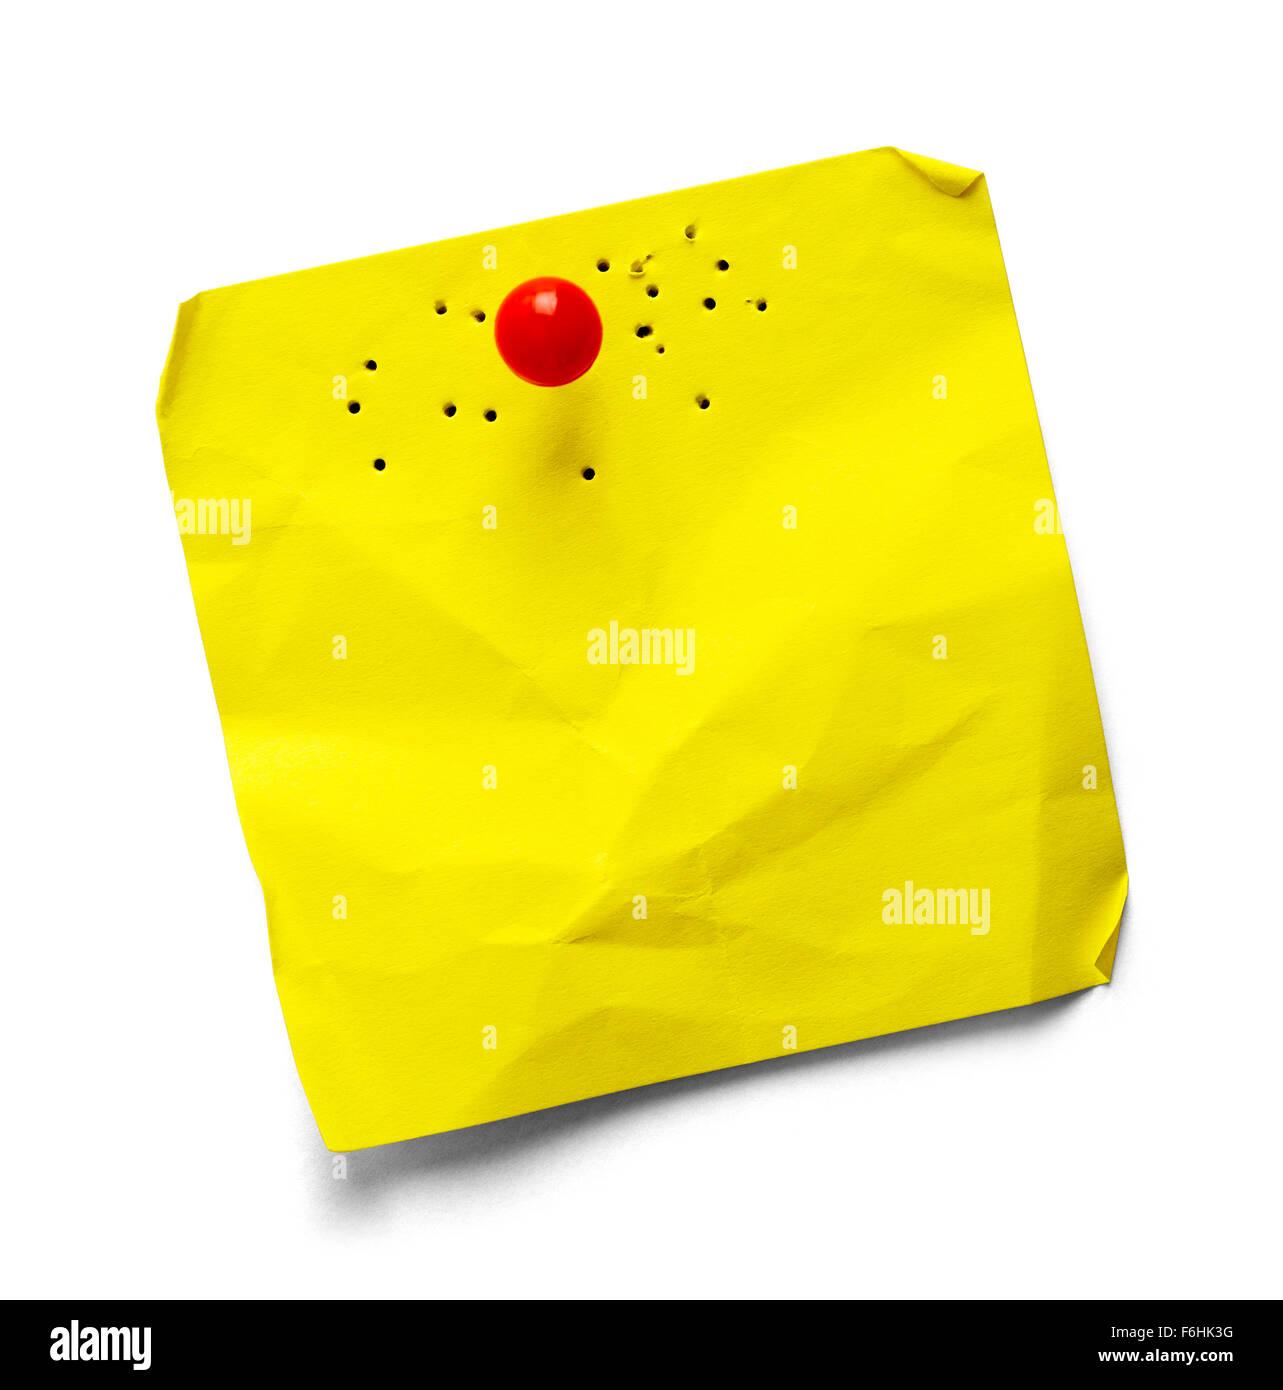 Bigliettino giallo con fori multipli isolati su uno sfondo bianco. Immagini Stock